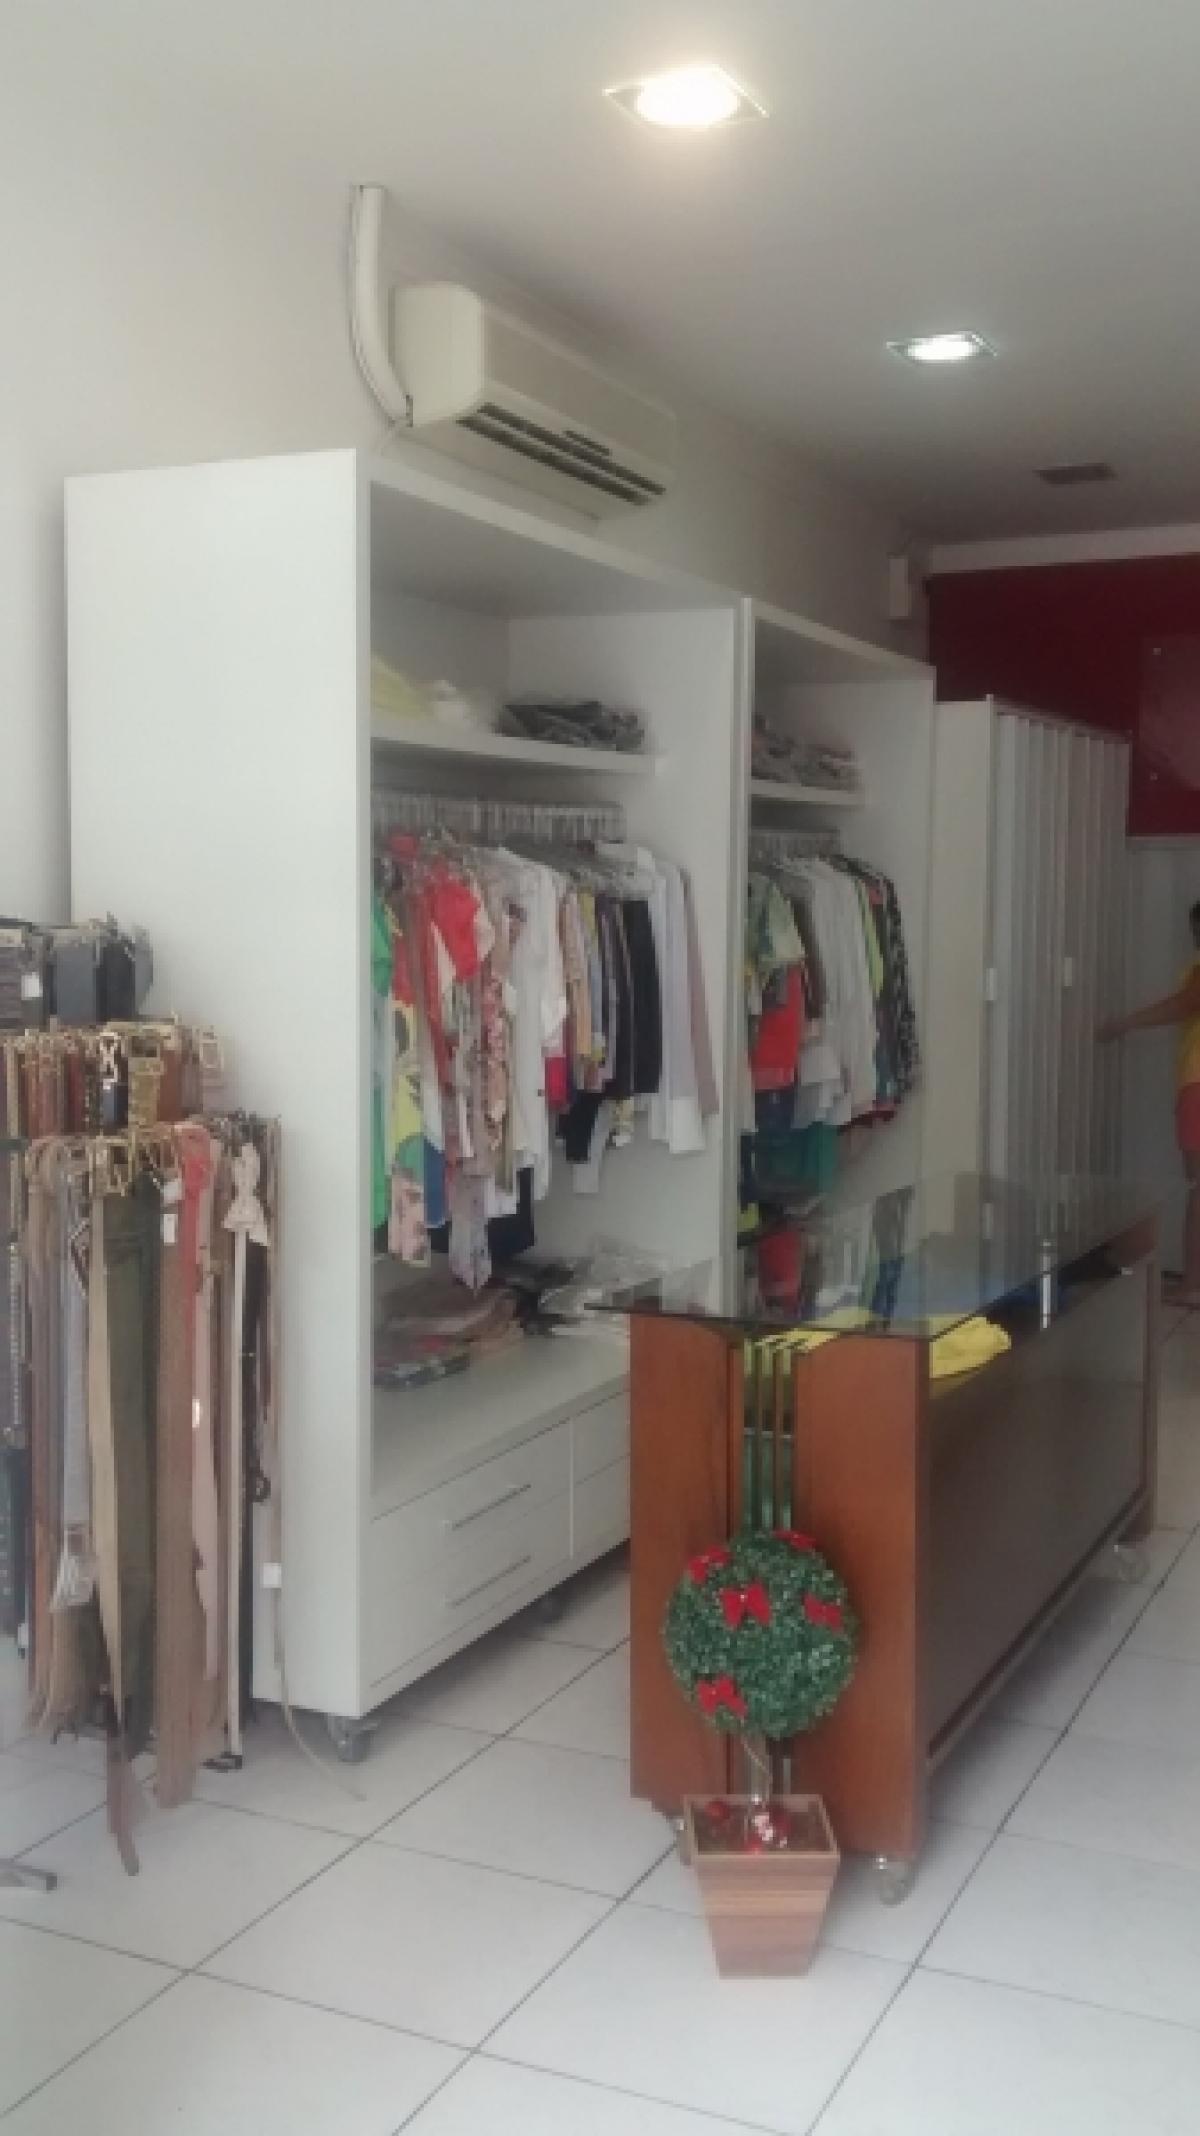 Oportunidade, loja completa no centro de Uberaba